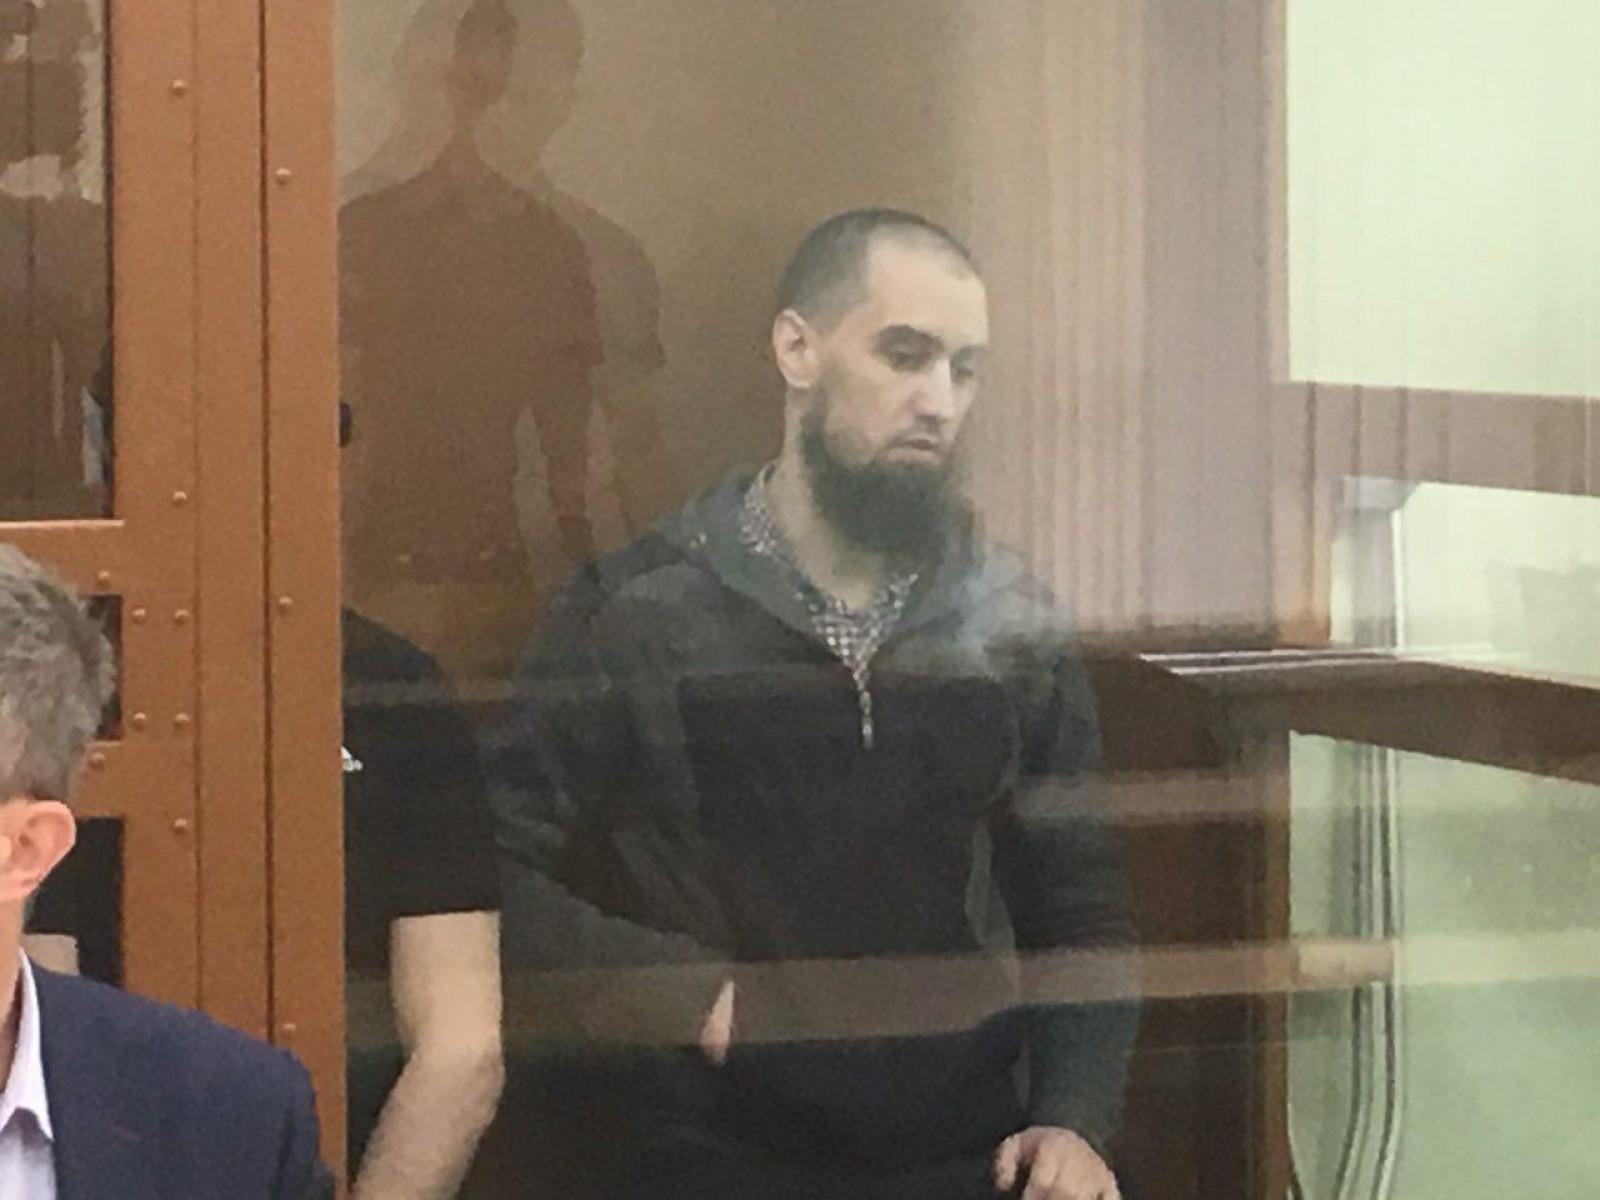 (foto) Un moldovean, condamnat la 18 ani de închisoare în Federația Rusă. Era simpatizant al grupării Stat Islamic